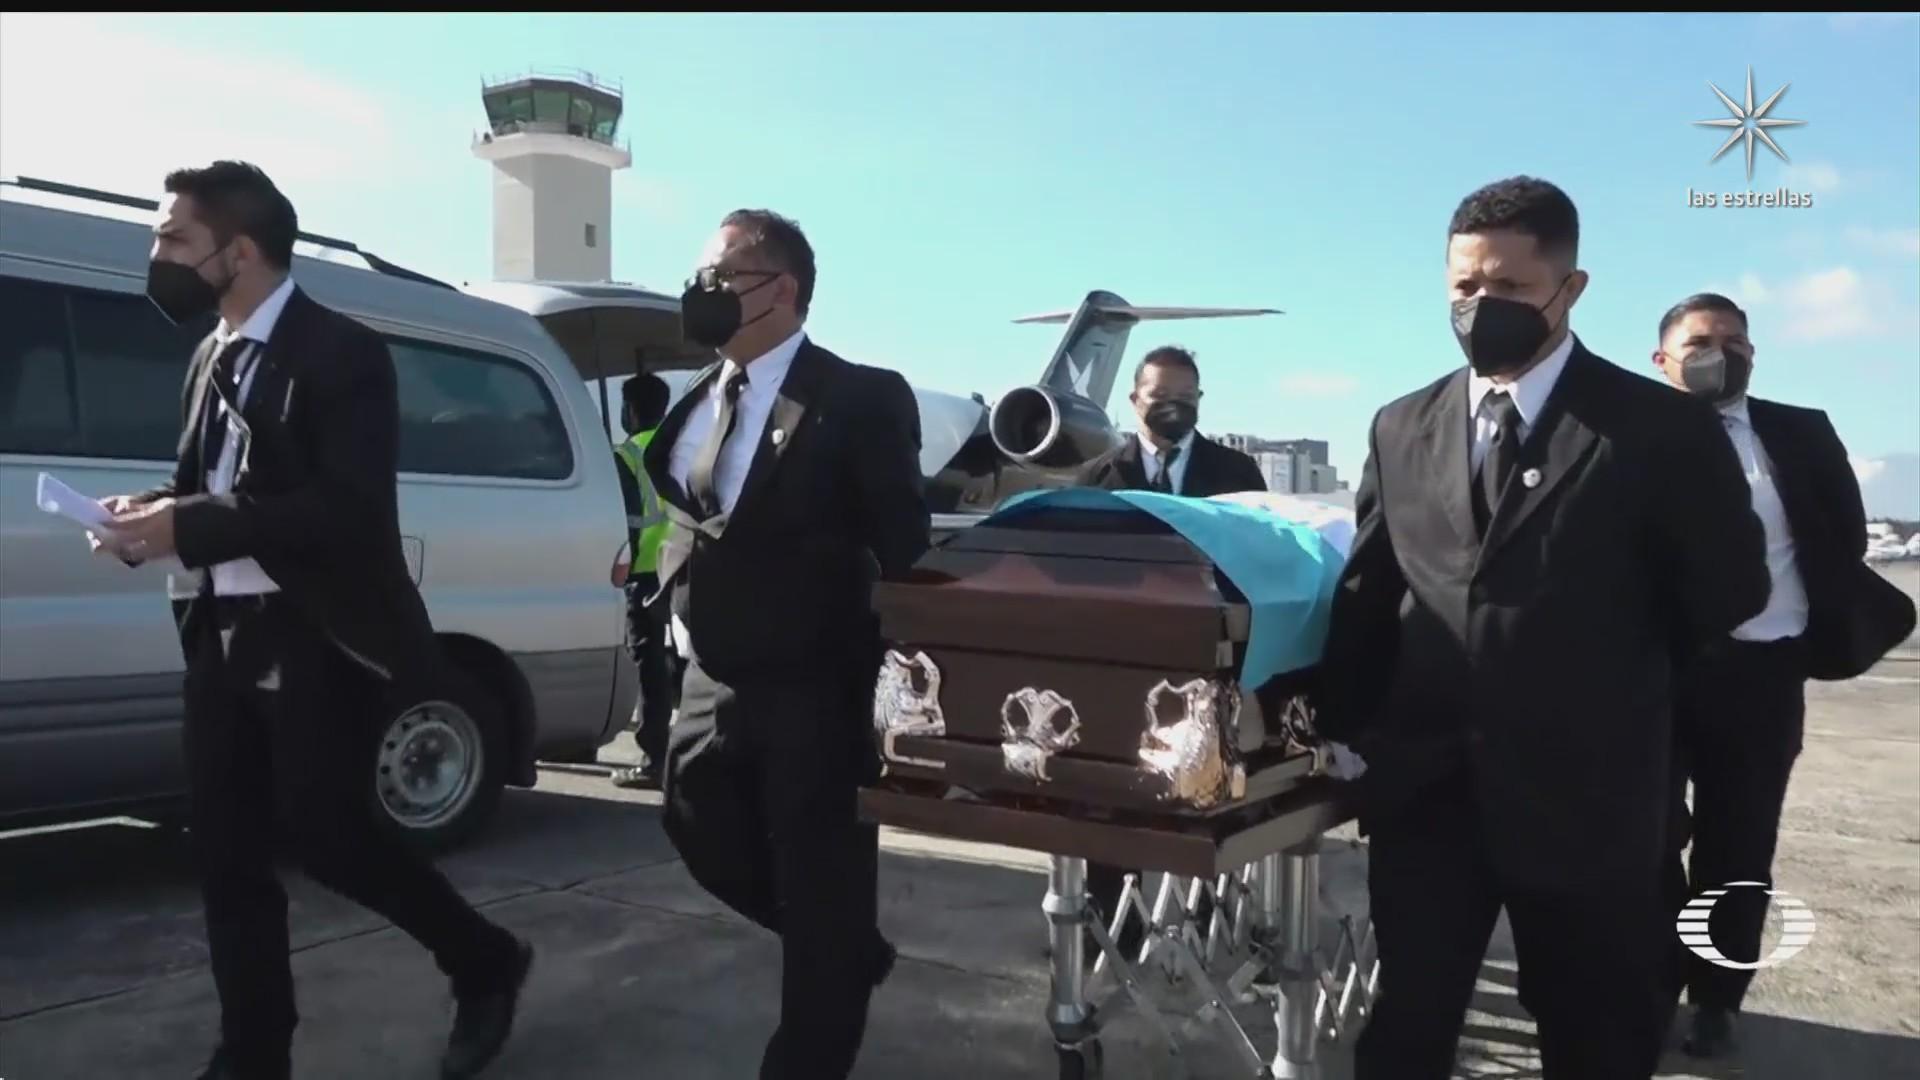 repatrian cuerpos de migrantes guatemaltecos asesinados en camargo